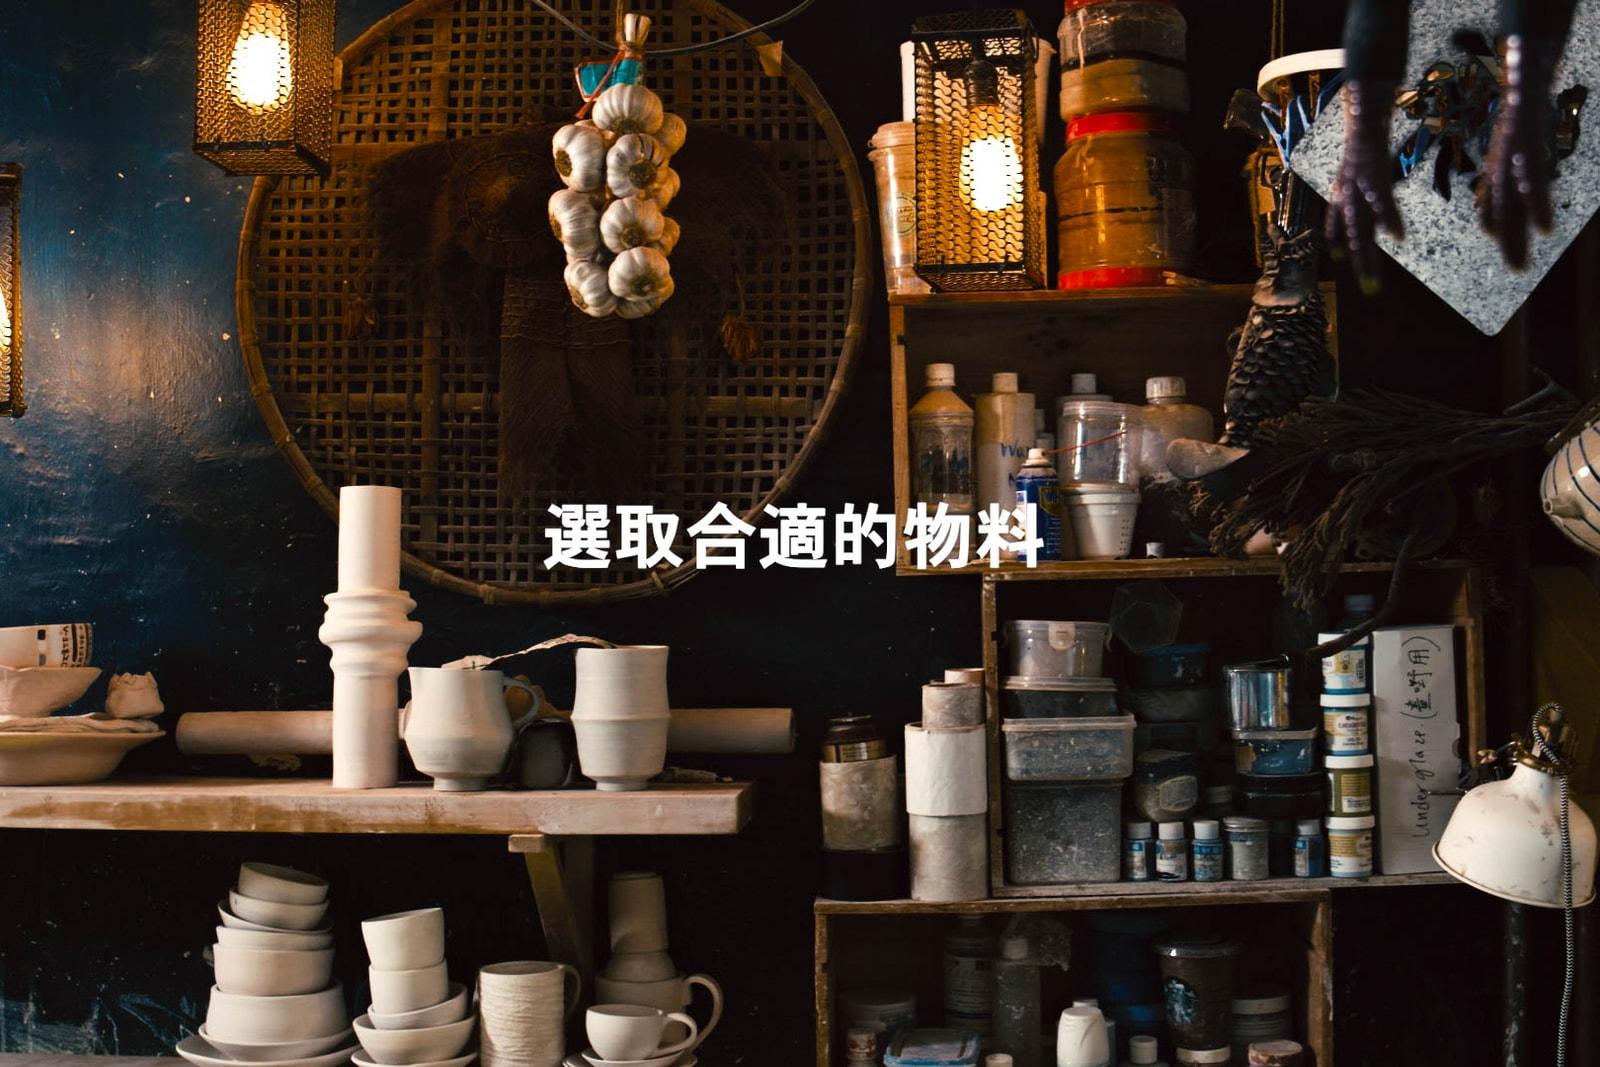 HOW TO:如何投入陶瓷文化?| HYPEBEAST 邀請陶藝家製作入門指南